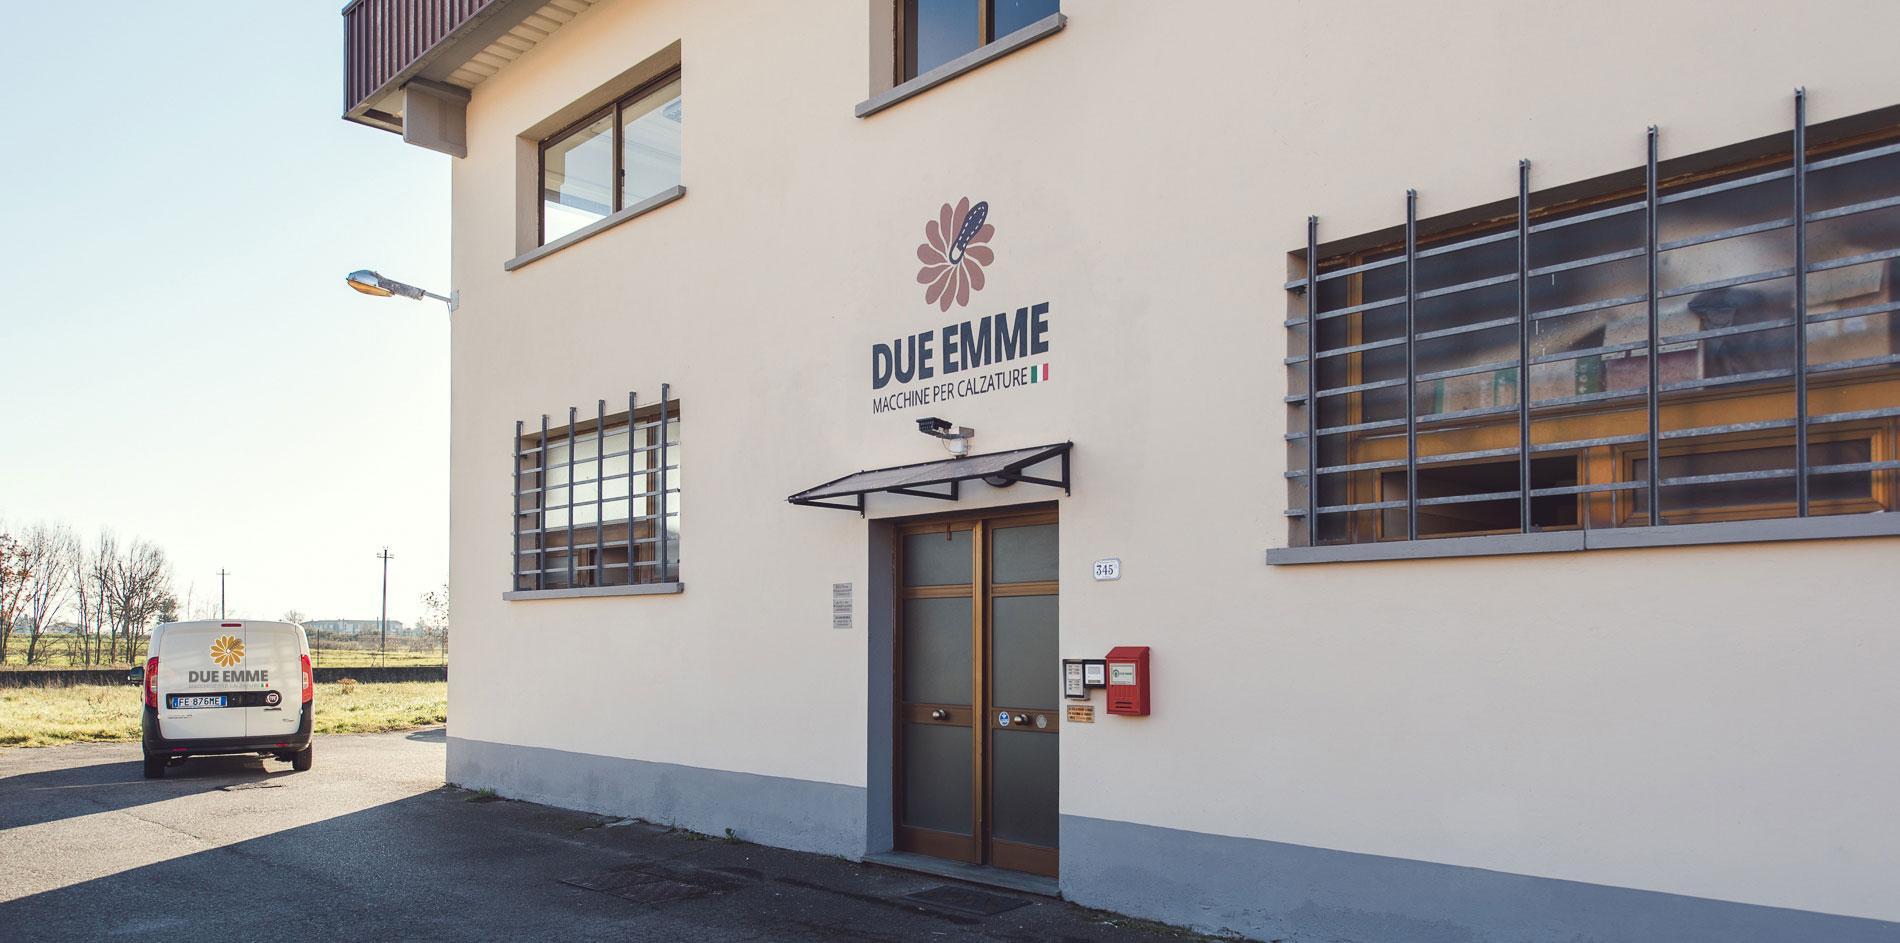 Fronte dell'edificio di Due Emme Srl.